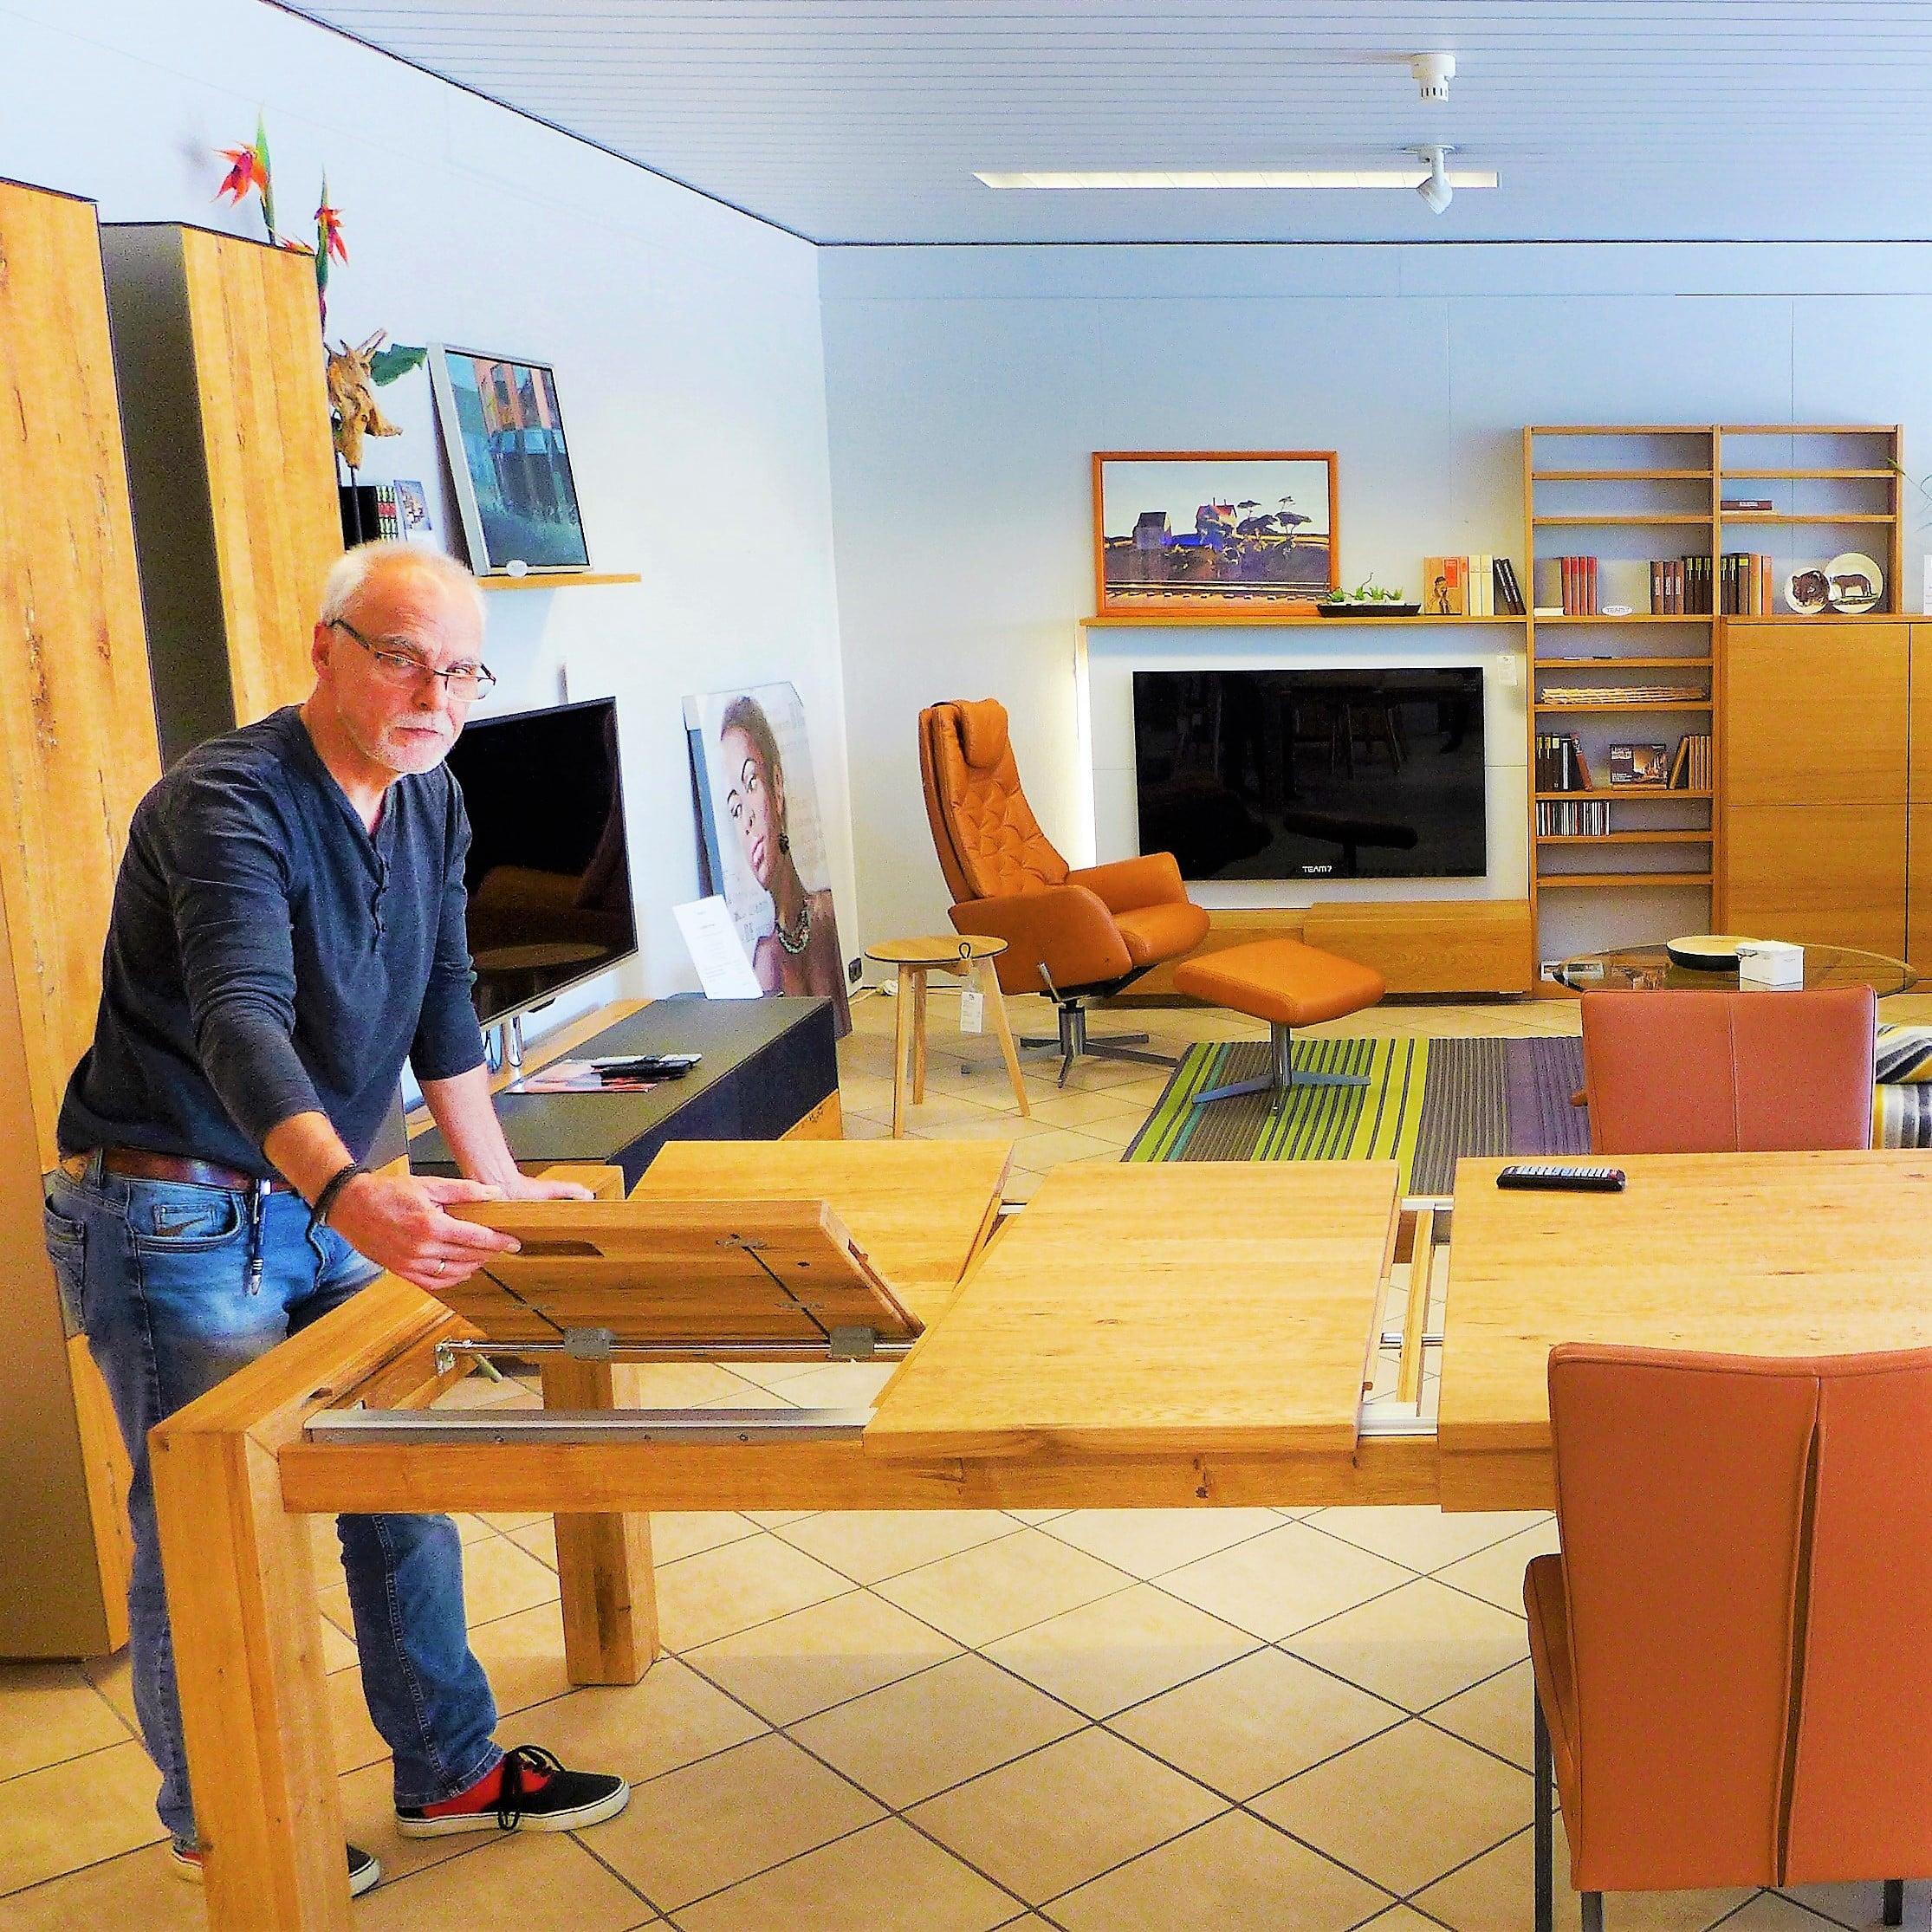 Style Hannover Wagner Massivholzmöbel - Martin Wagner Massivholzmöbel